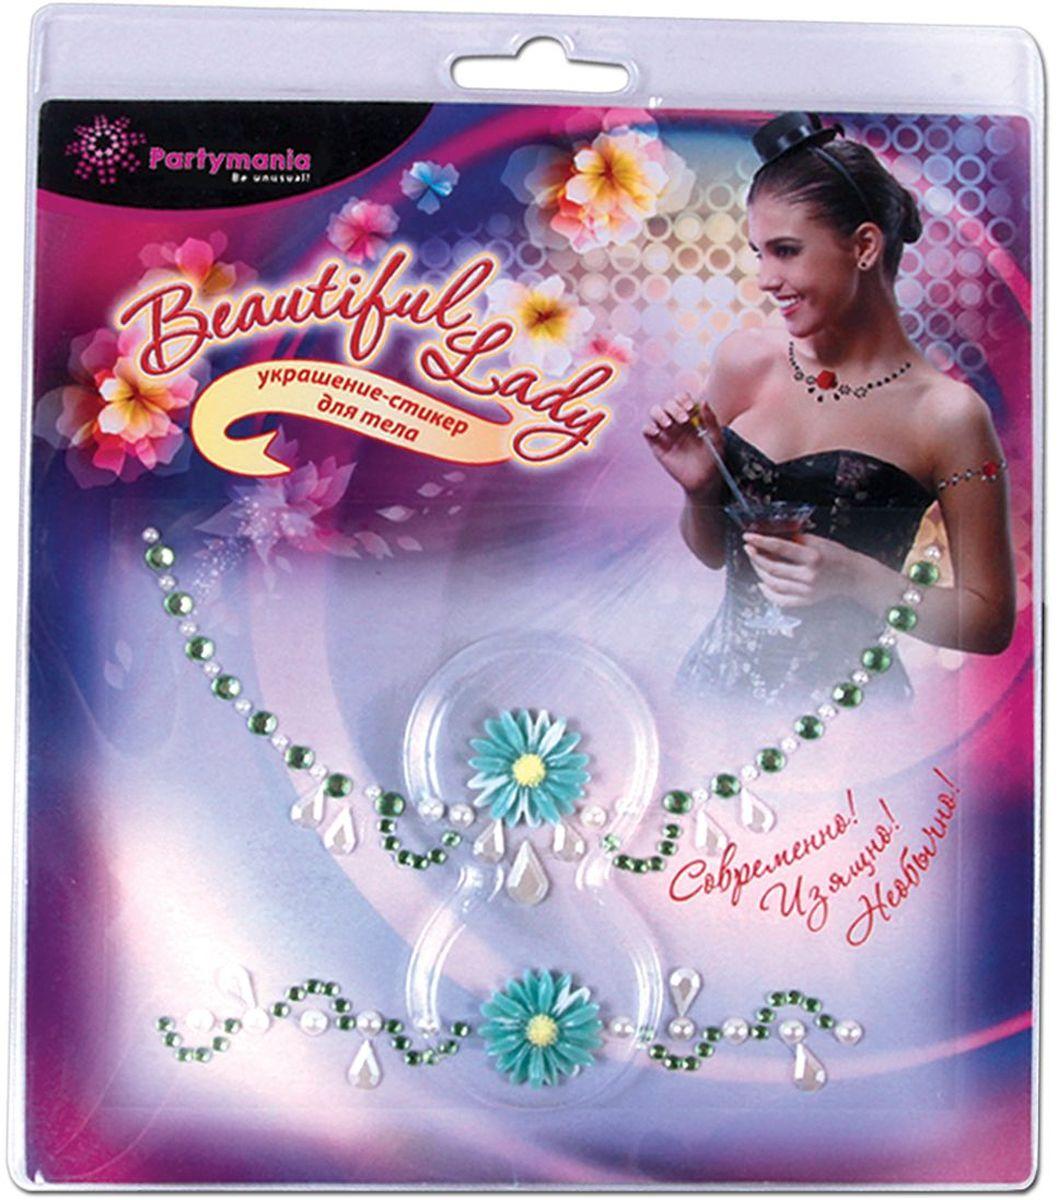 Фото - Partymania Украшение-стикер для тела 2 шт Beautiful Lady Ромашка стикеры для стен zooyoo1208 zypa 1208 nn